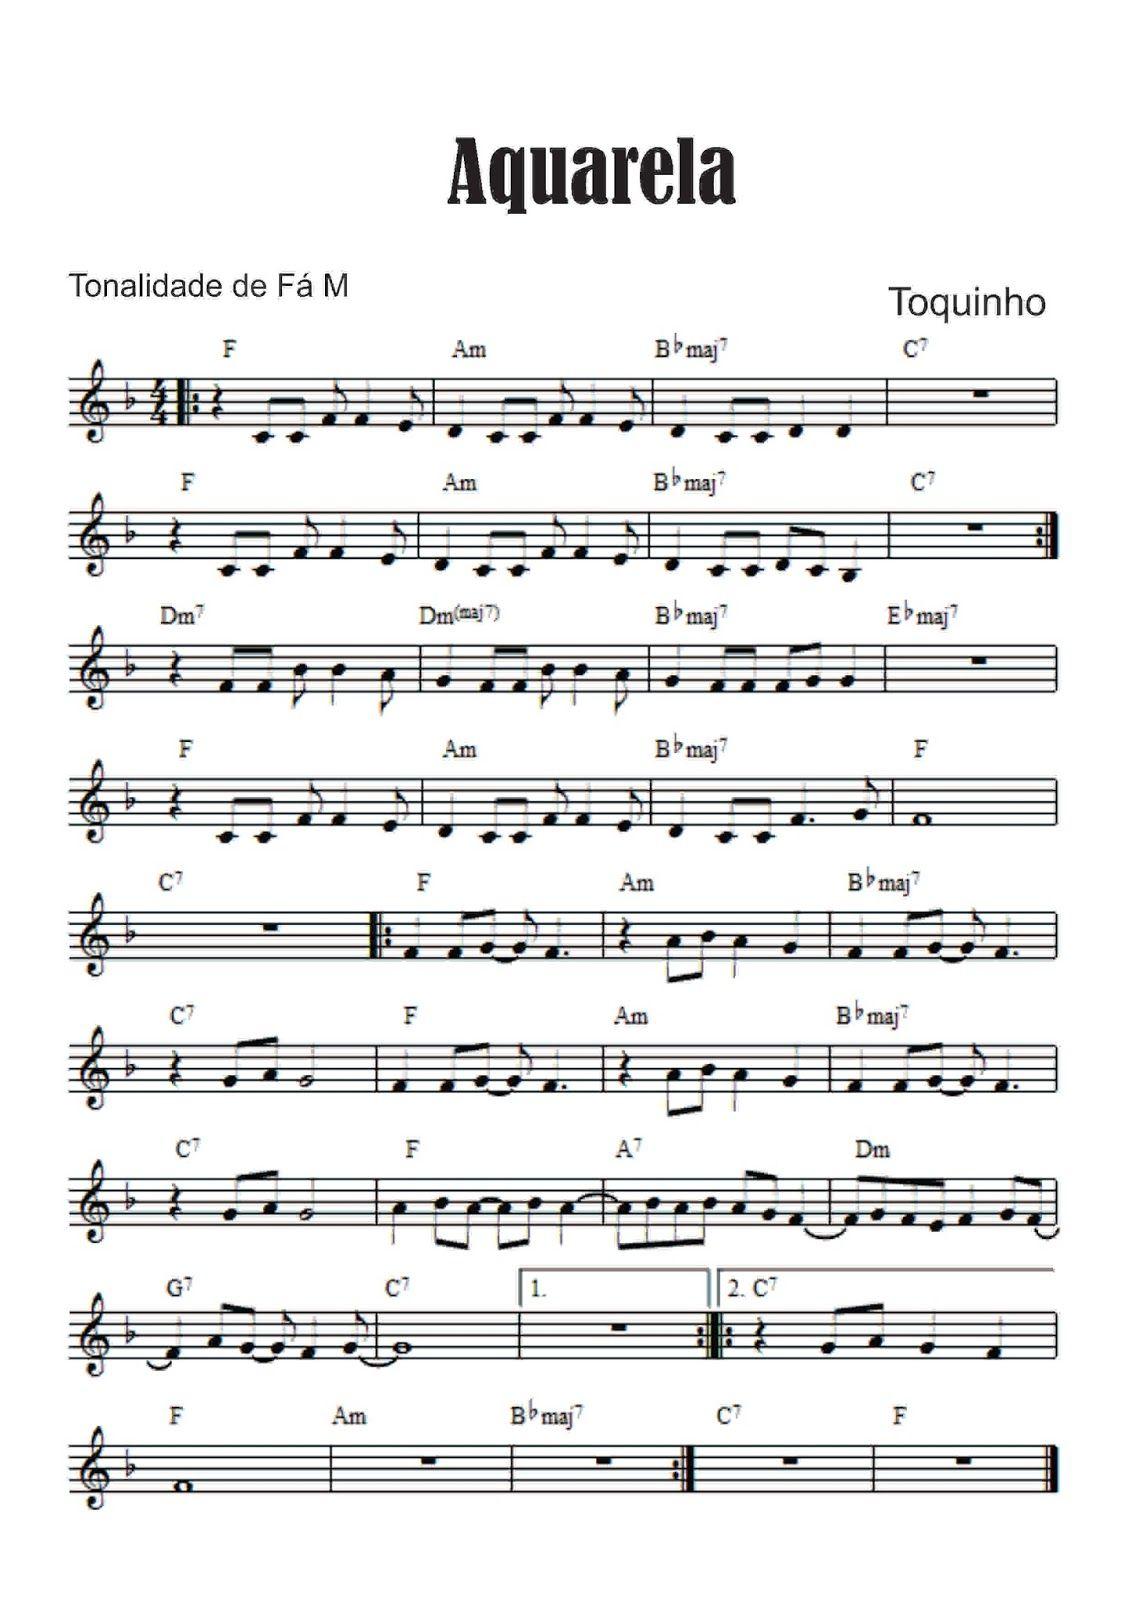 Aquarela Toquinho E Vinicius De Moraes Partitura Para Teclado